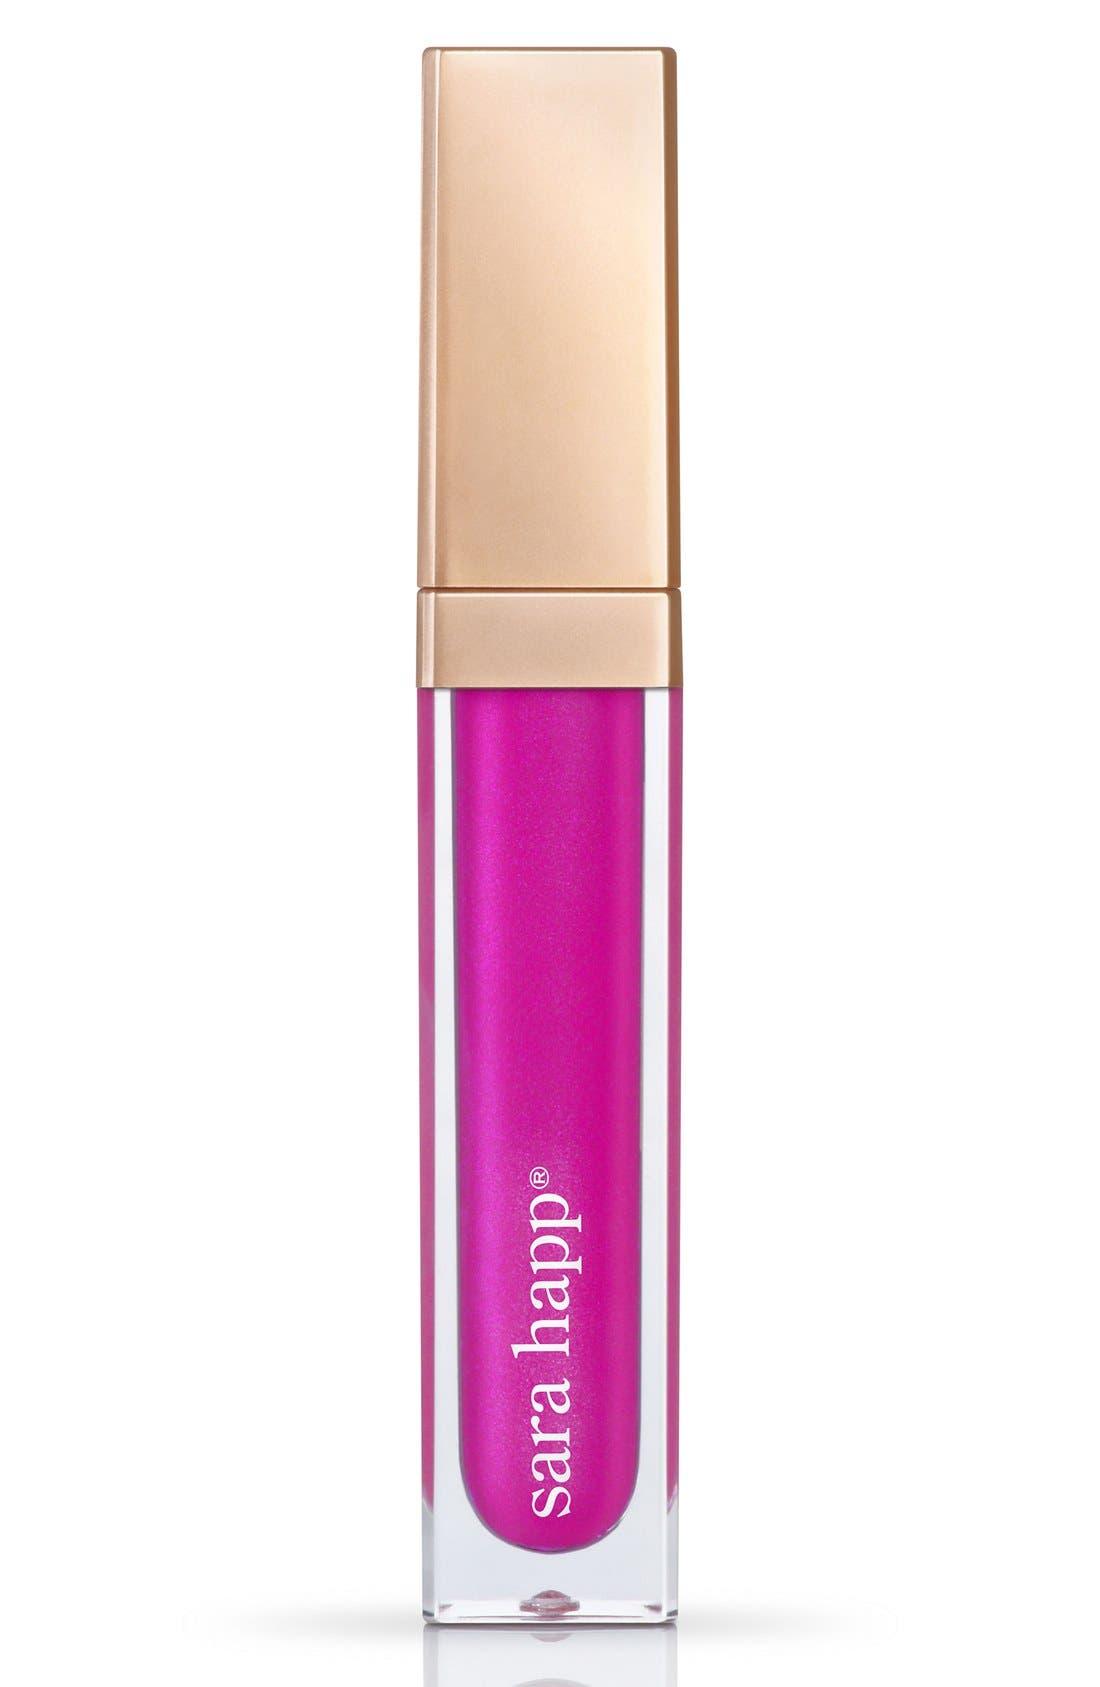 sara happ® The Lip Slip® Fuchsia One Luxe Lip Gloss